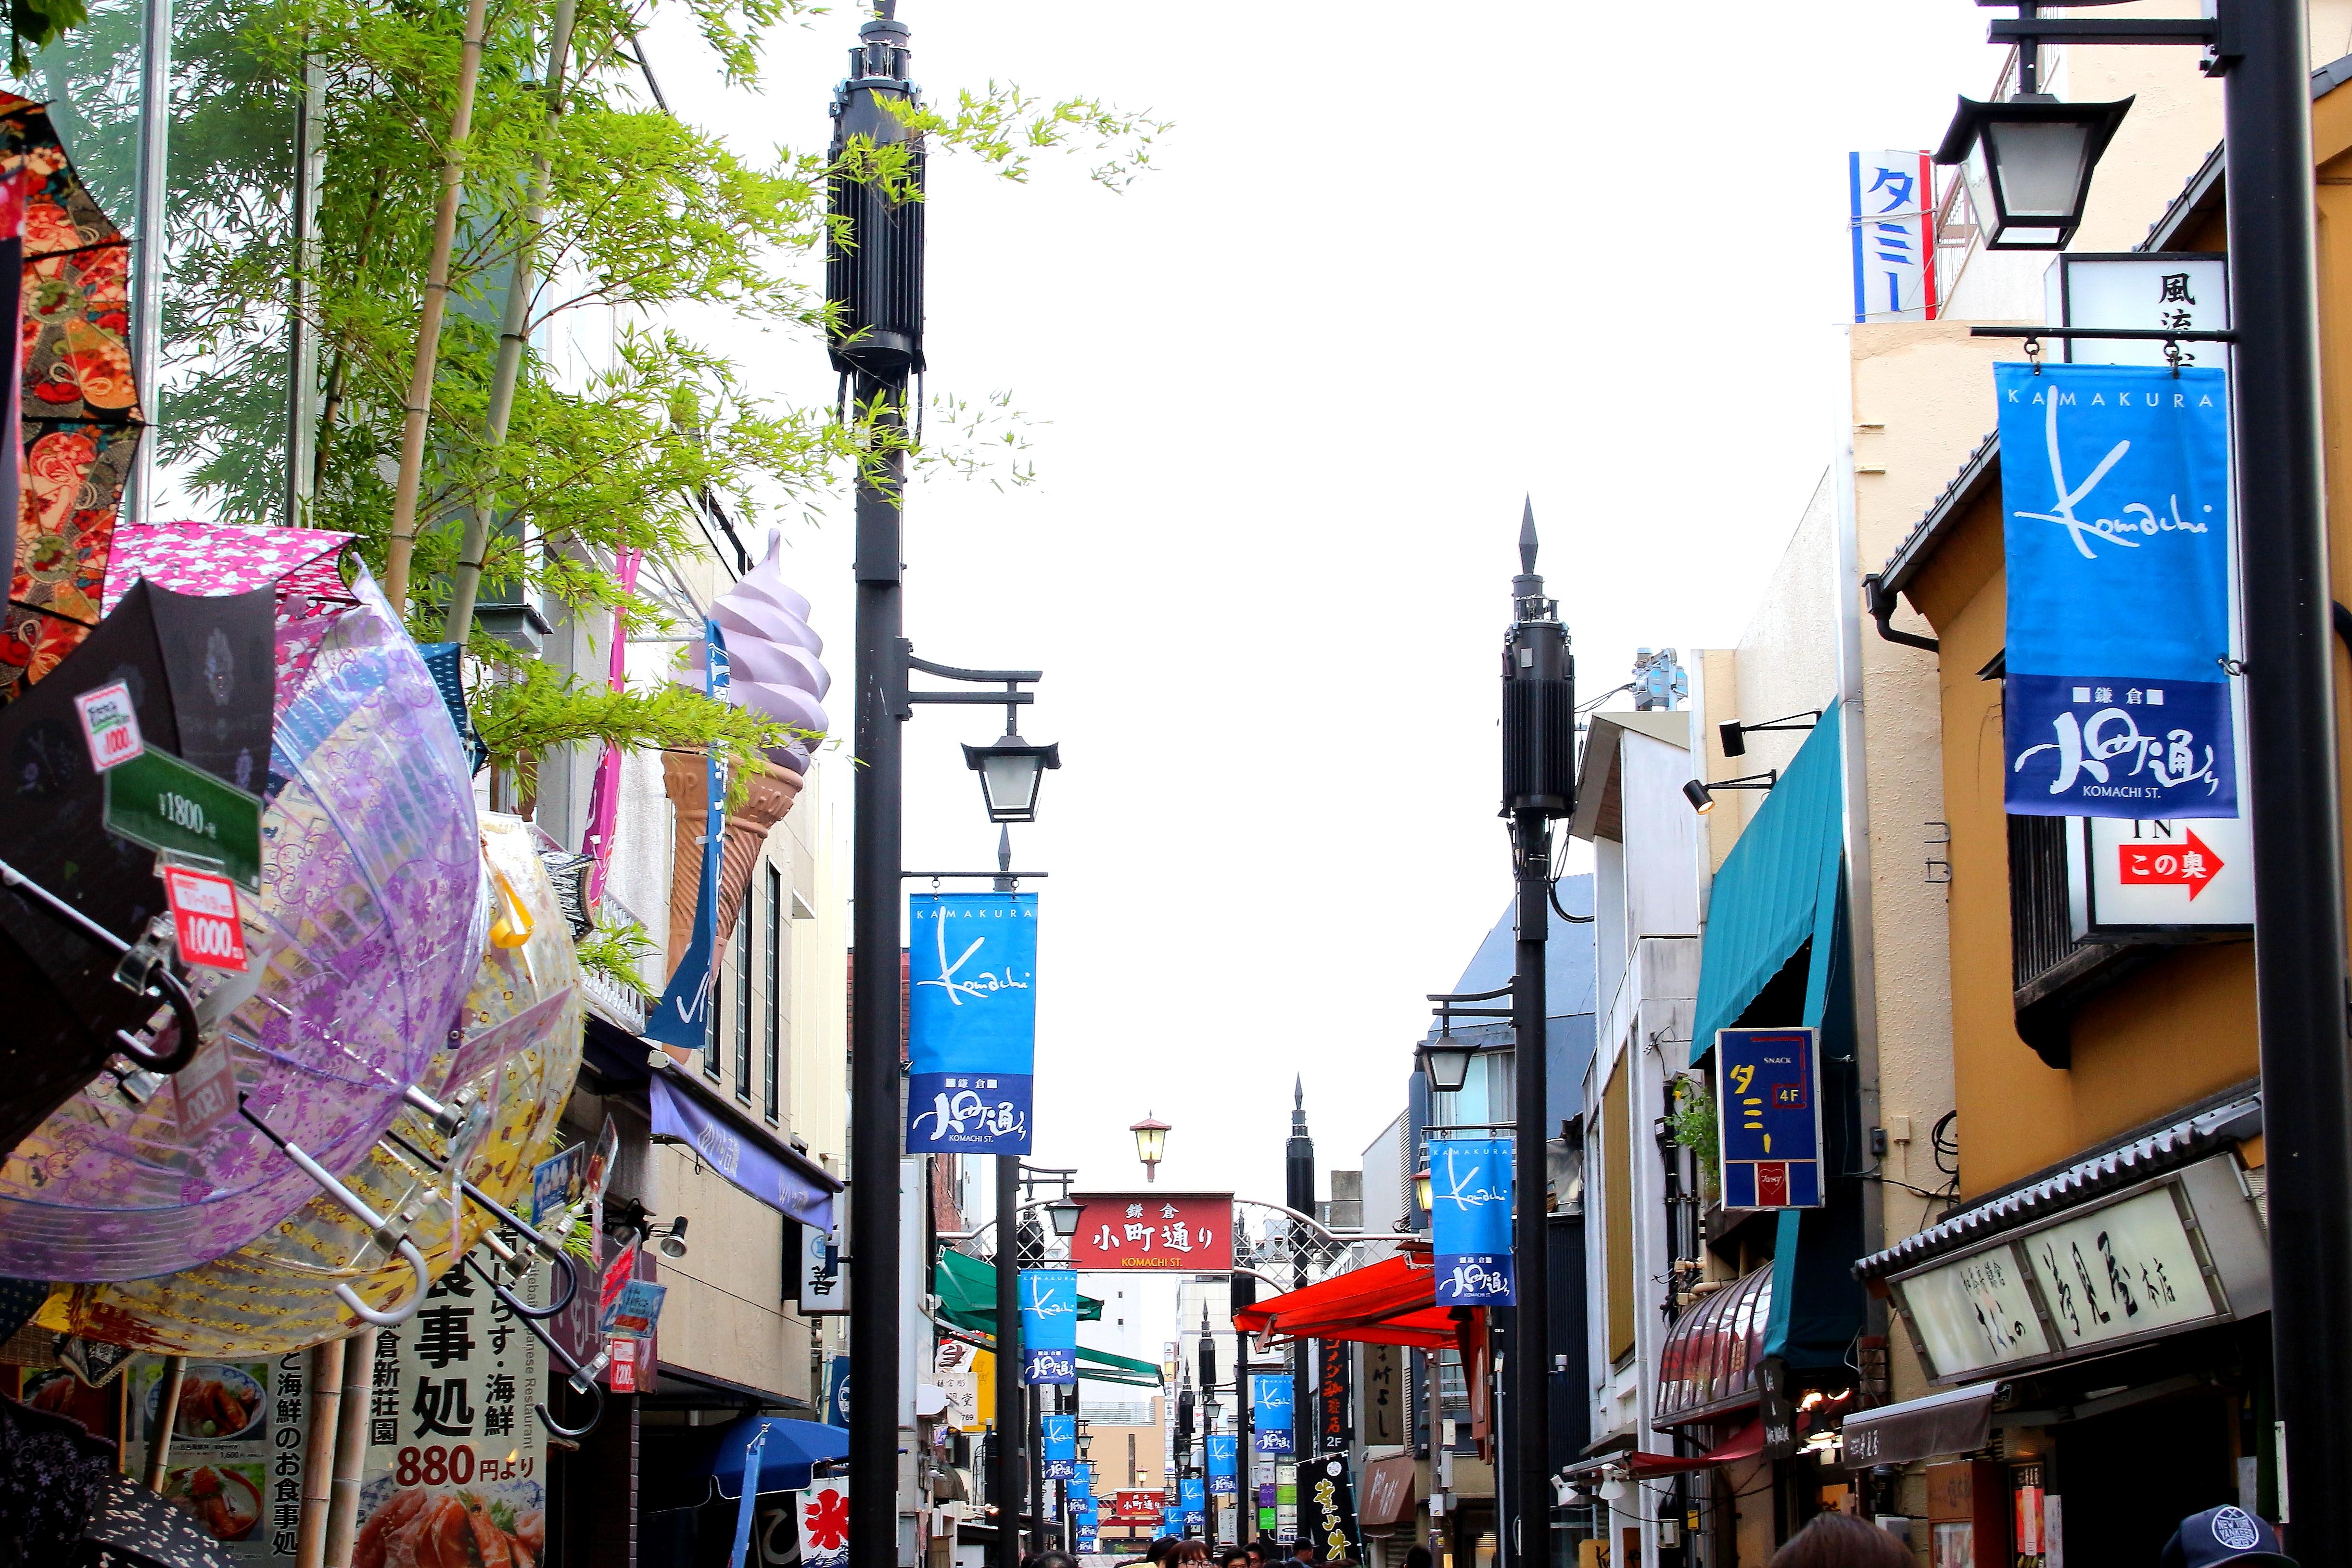 鎌倉で食べ歩きするなら?おすすめのコースやエリアを紹介!